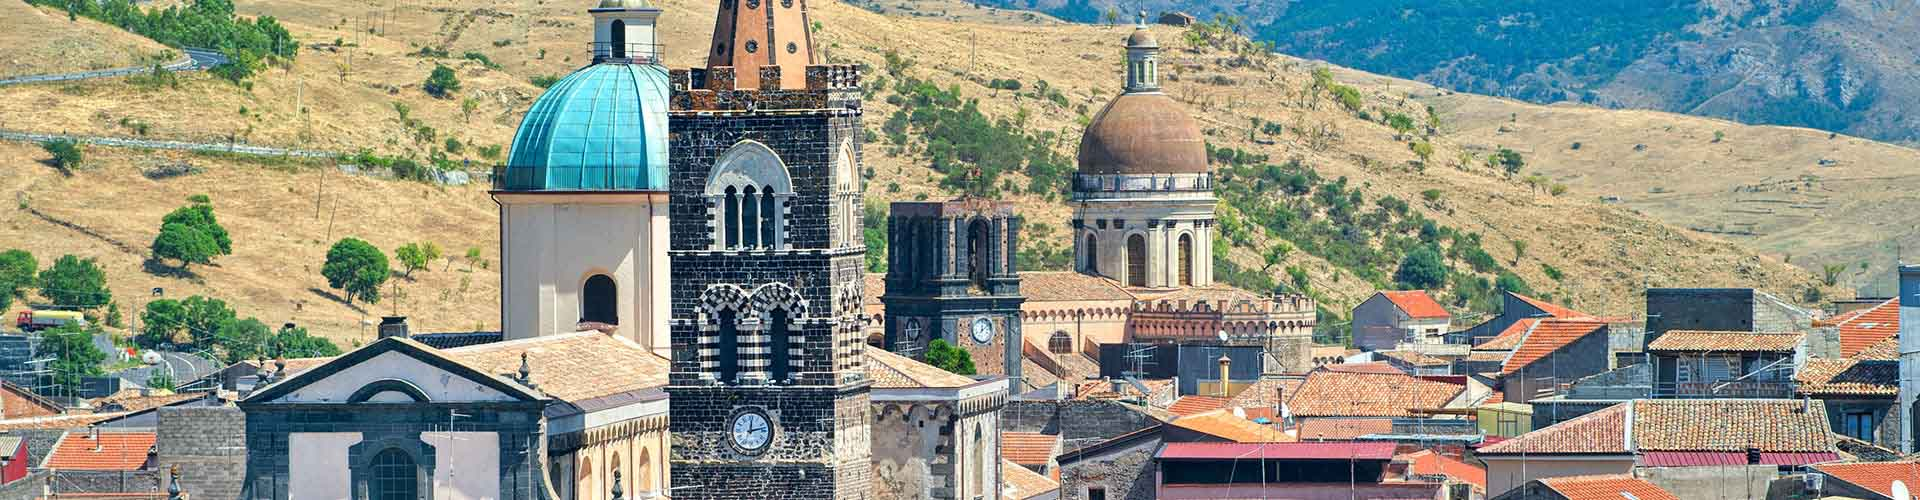 Sicile - Auberges de jeunesse à Sicile. Cartes pour Sicile, photos et commentaires pour chaque auberge de jeunesse à Sicile.